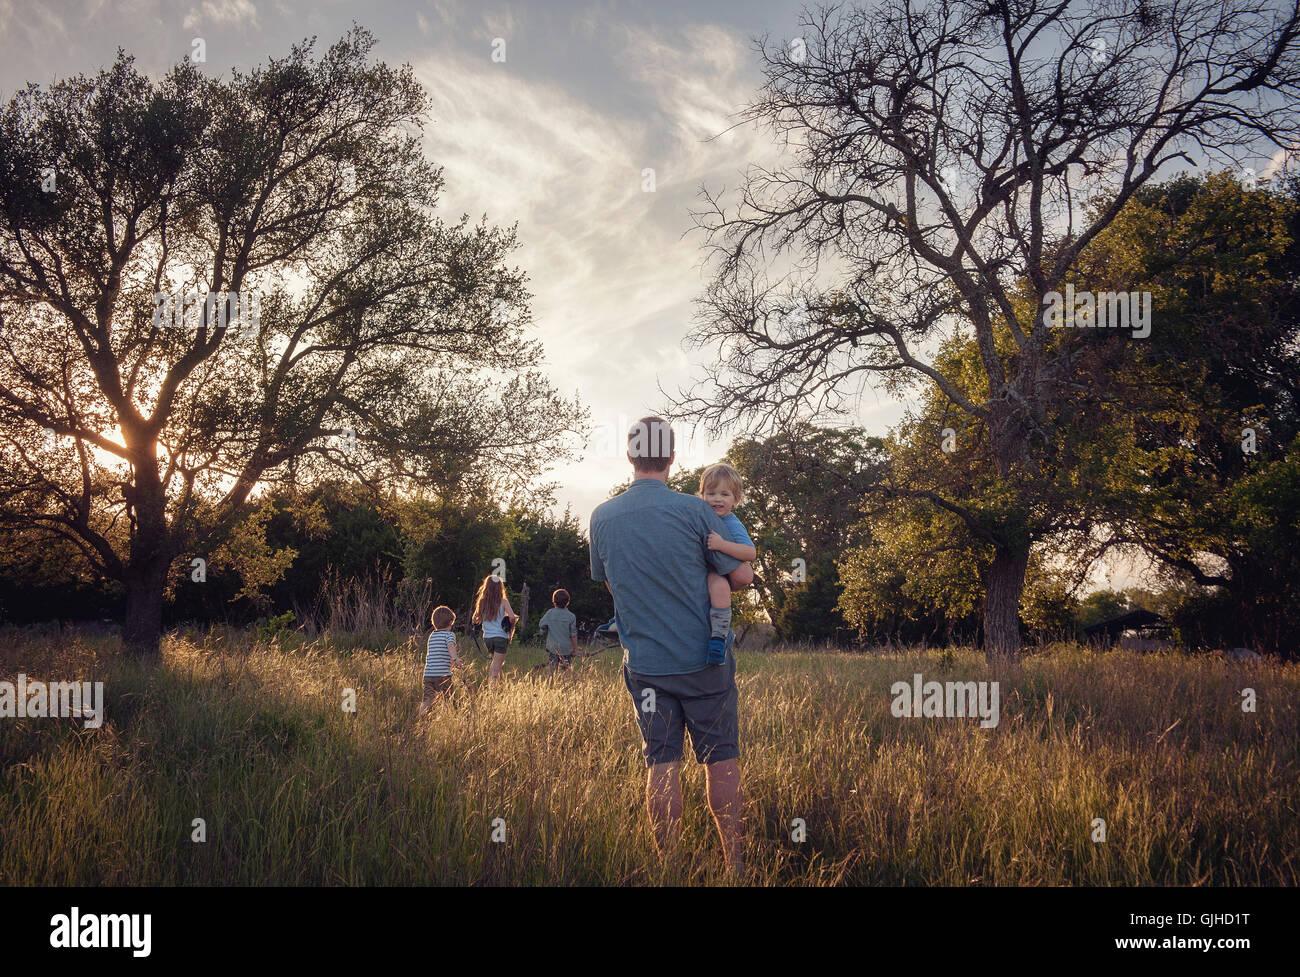 Padre y cuatro hijos andando en paisaje rural al atardecer, Texas, Estados Unidos, EE.UU. Imagen De Stock